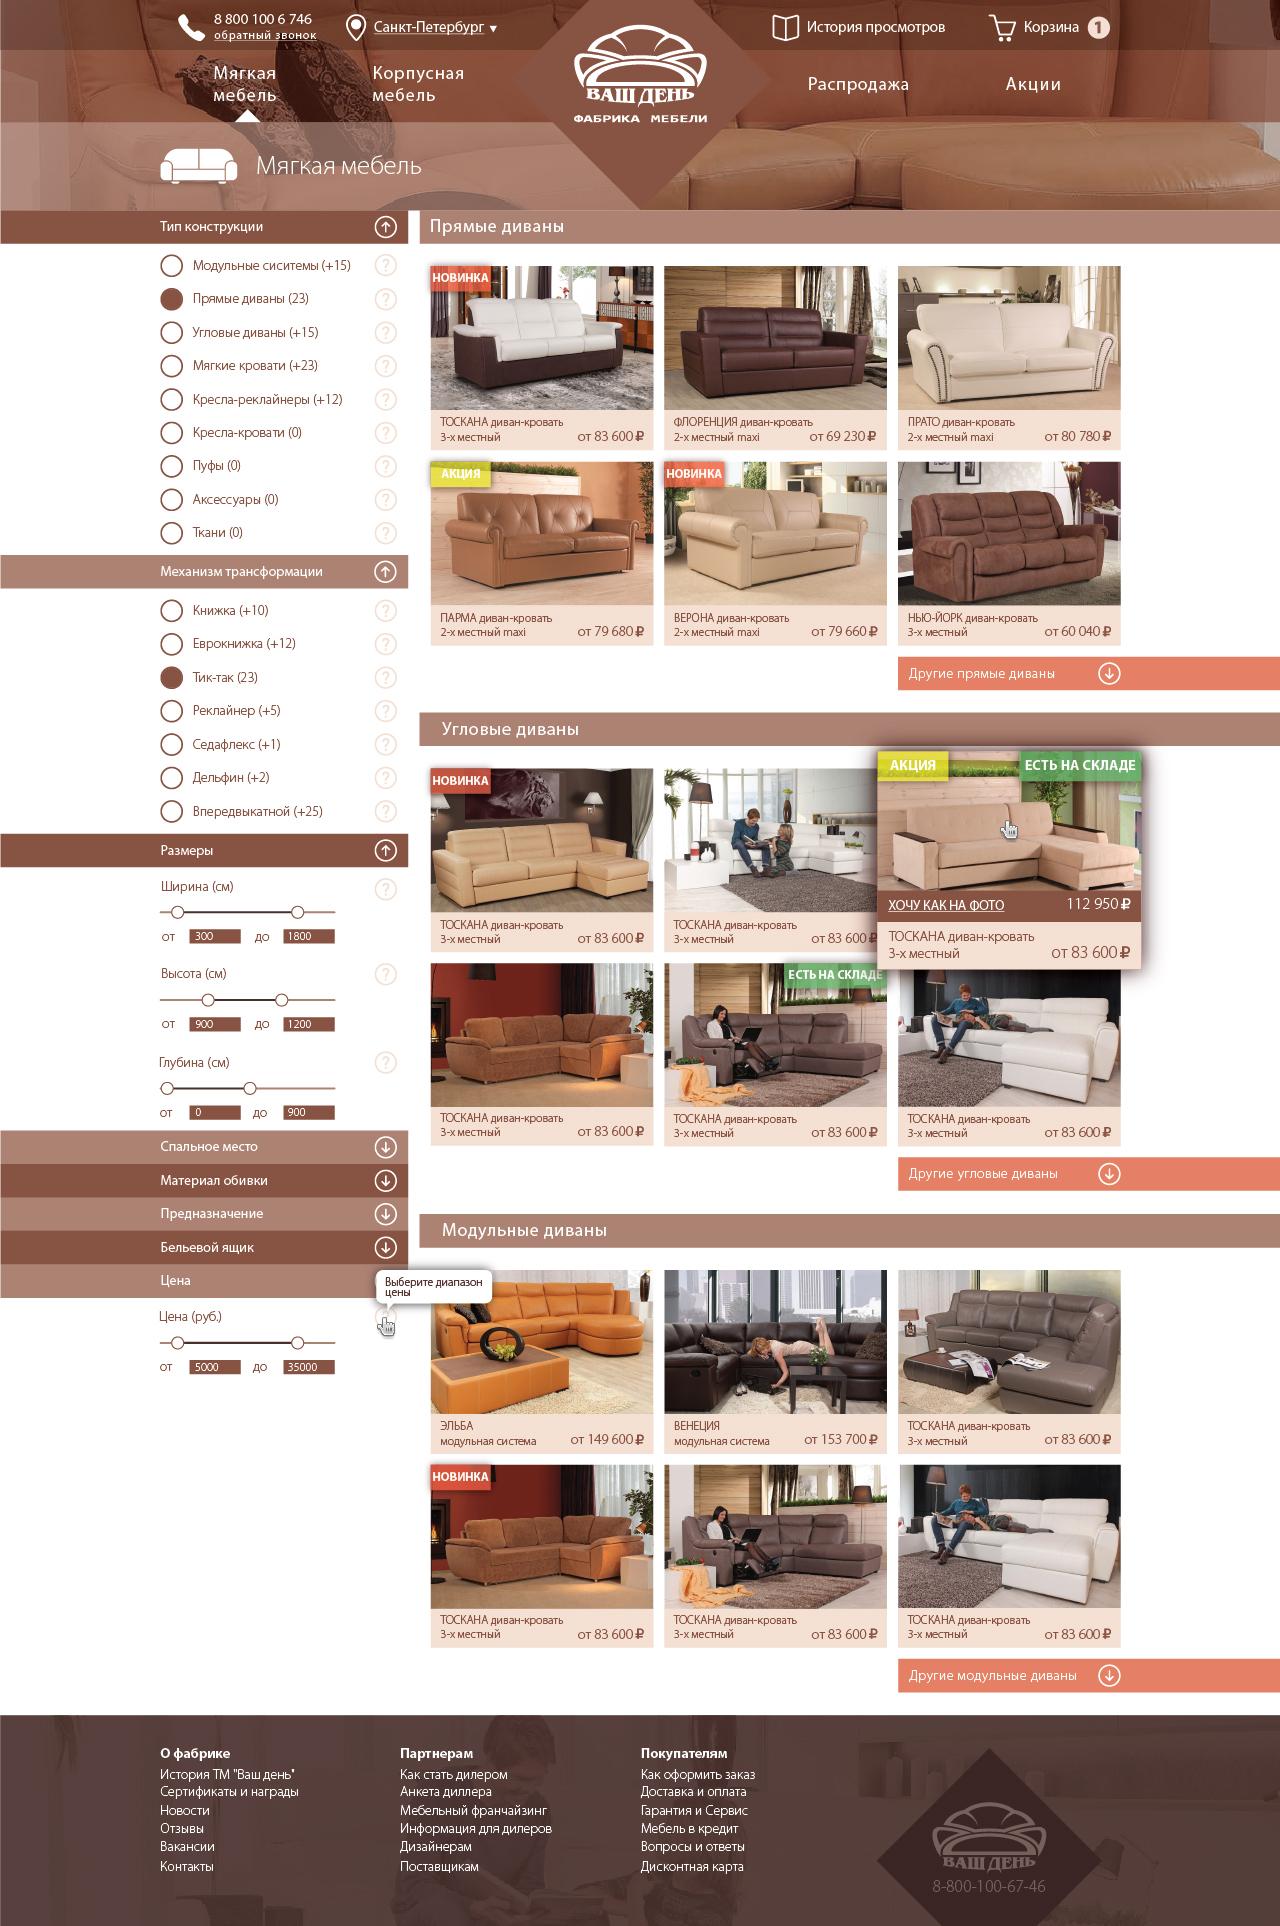 Разработать дизайн для интернет-магазина мебели фото f_91952ef841107716.jpg